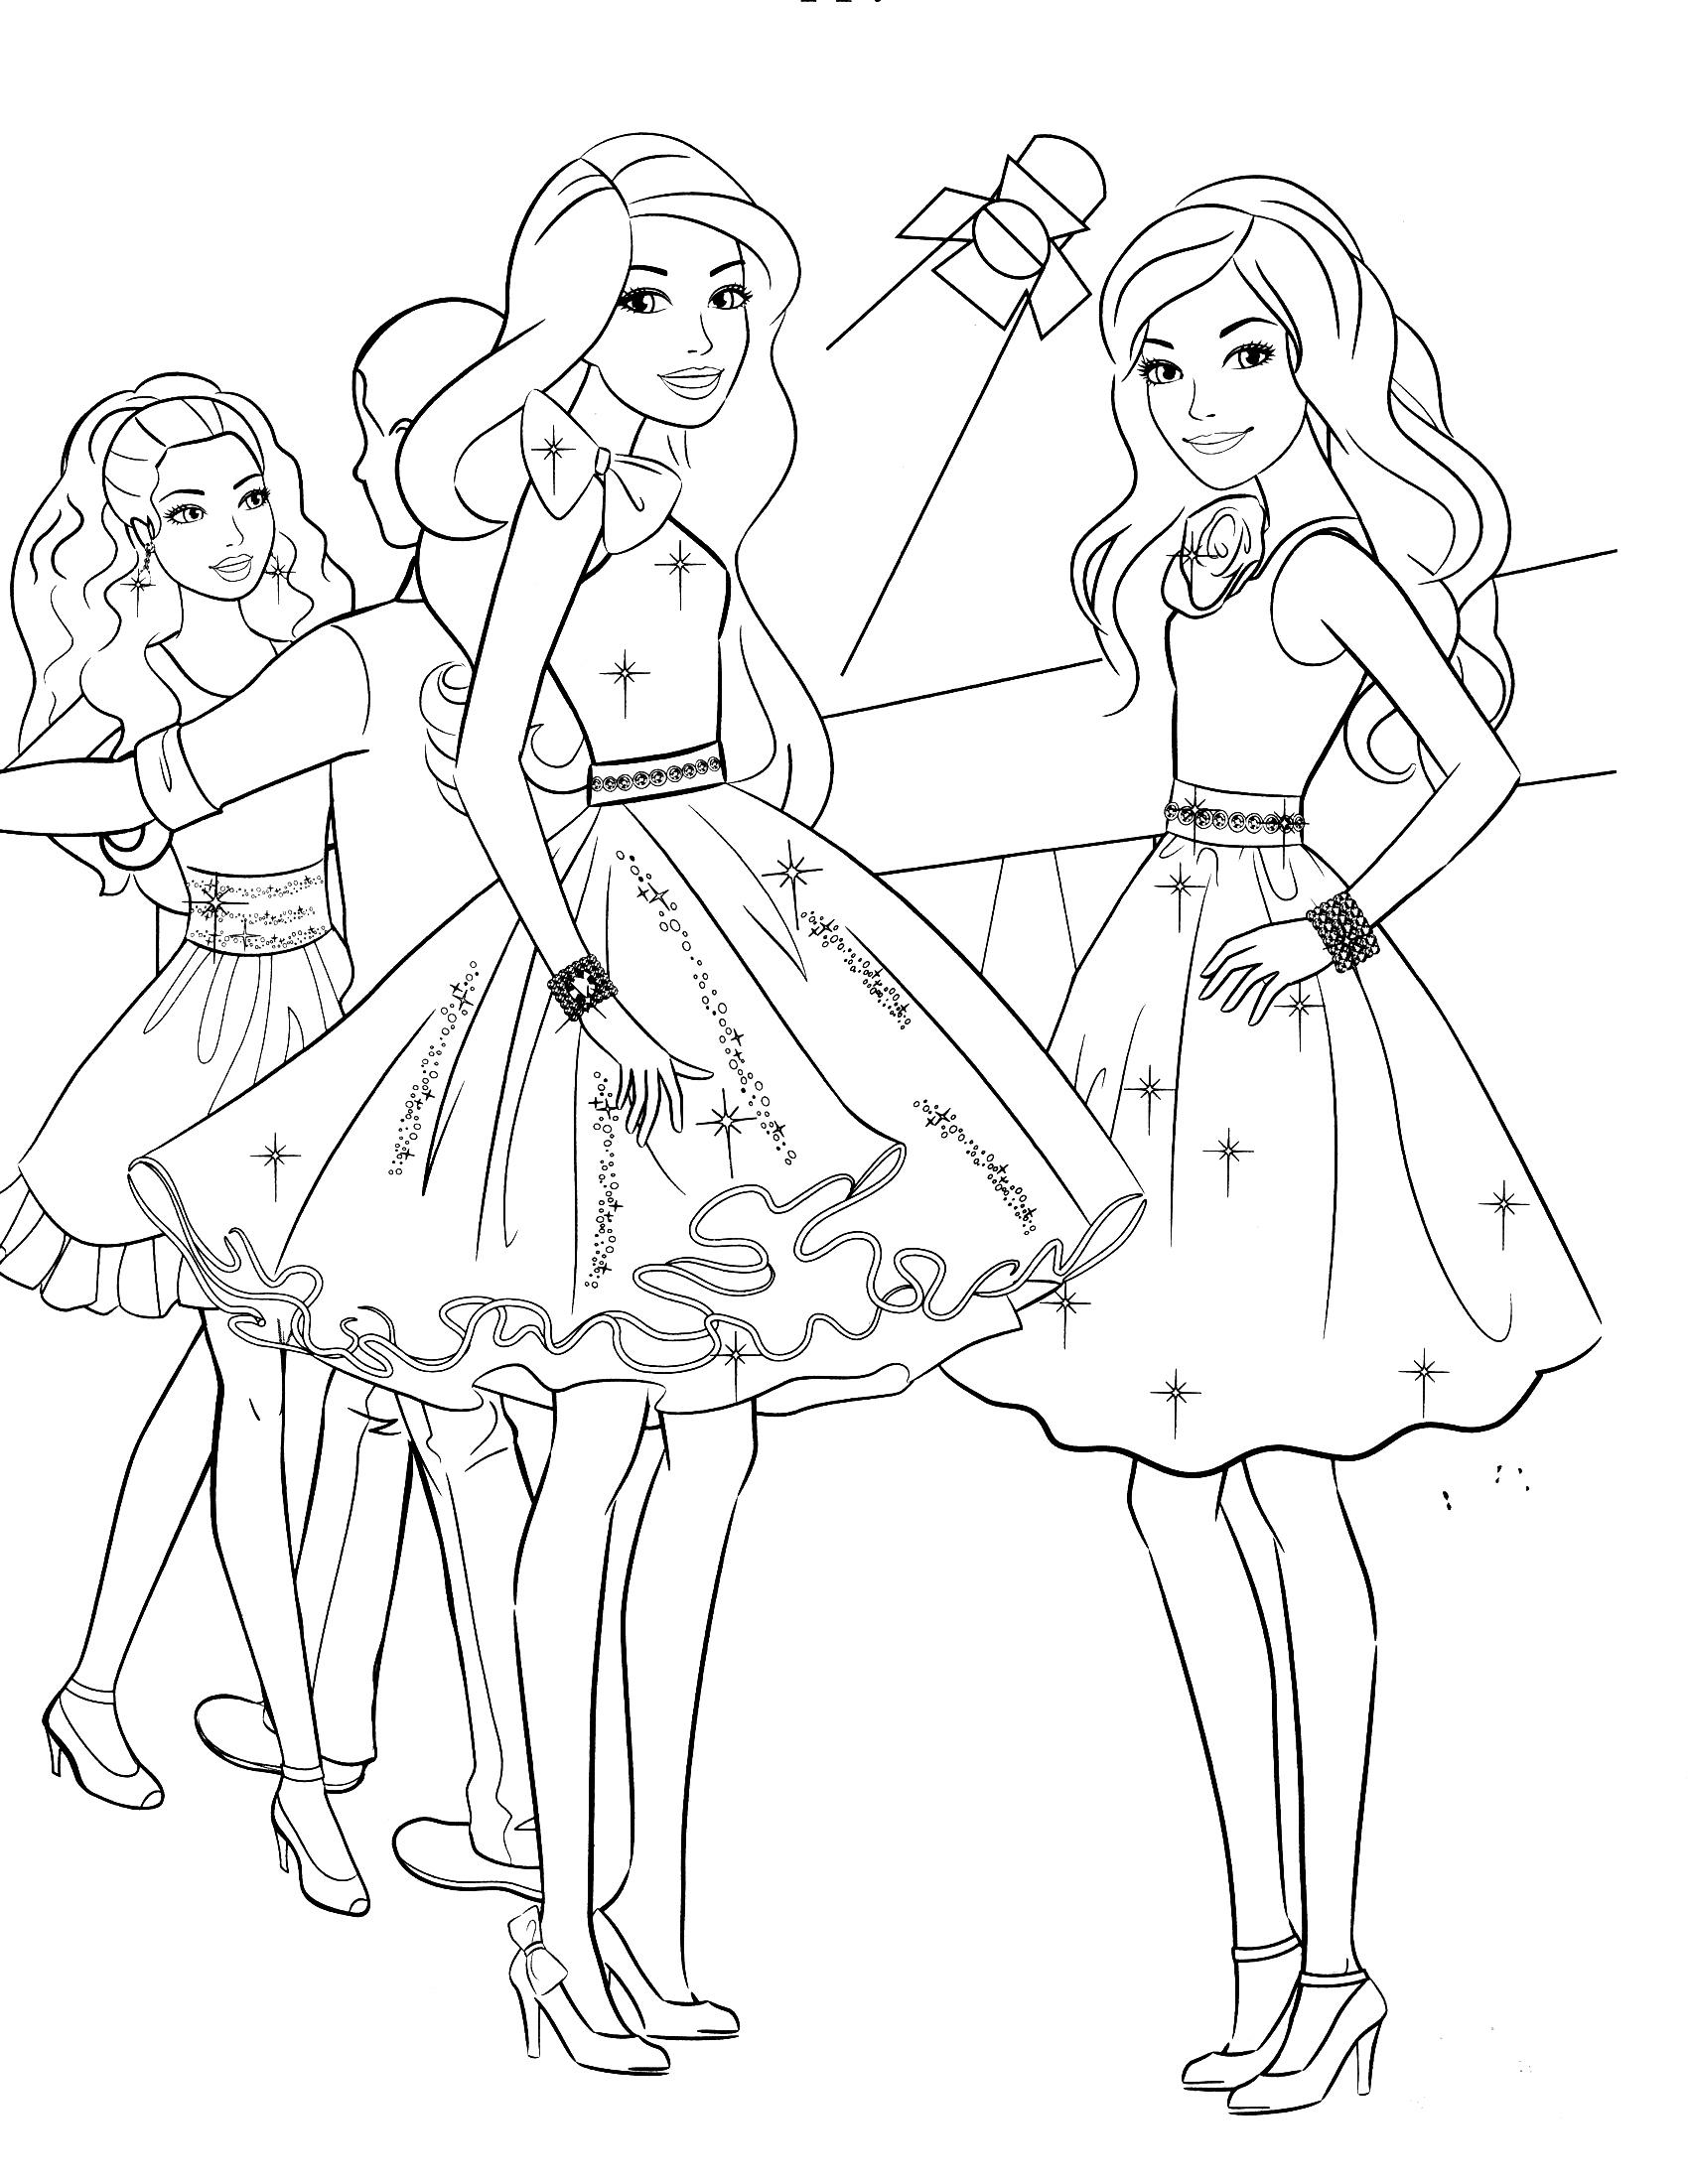 Coloriage Barbie Au Bal À Imprimer à Coloriage Barbie